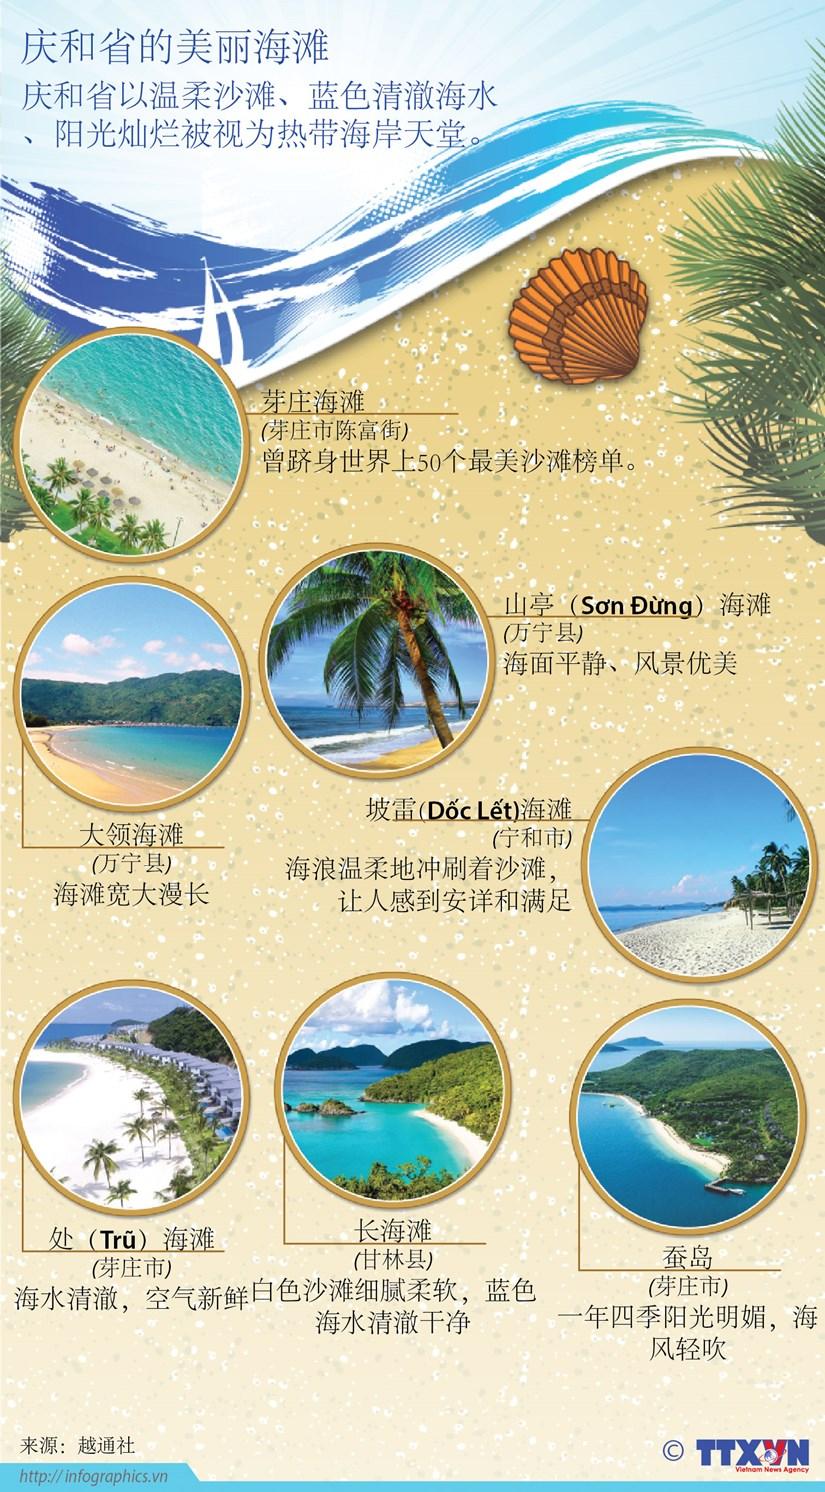 图表新闻:庆和省的美丽海滩 hinh anh 1